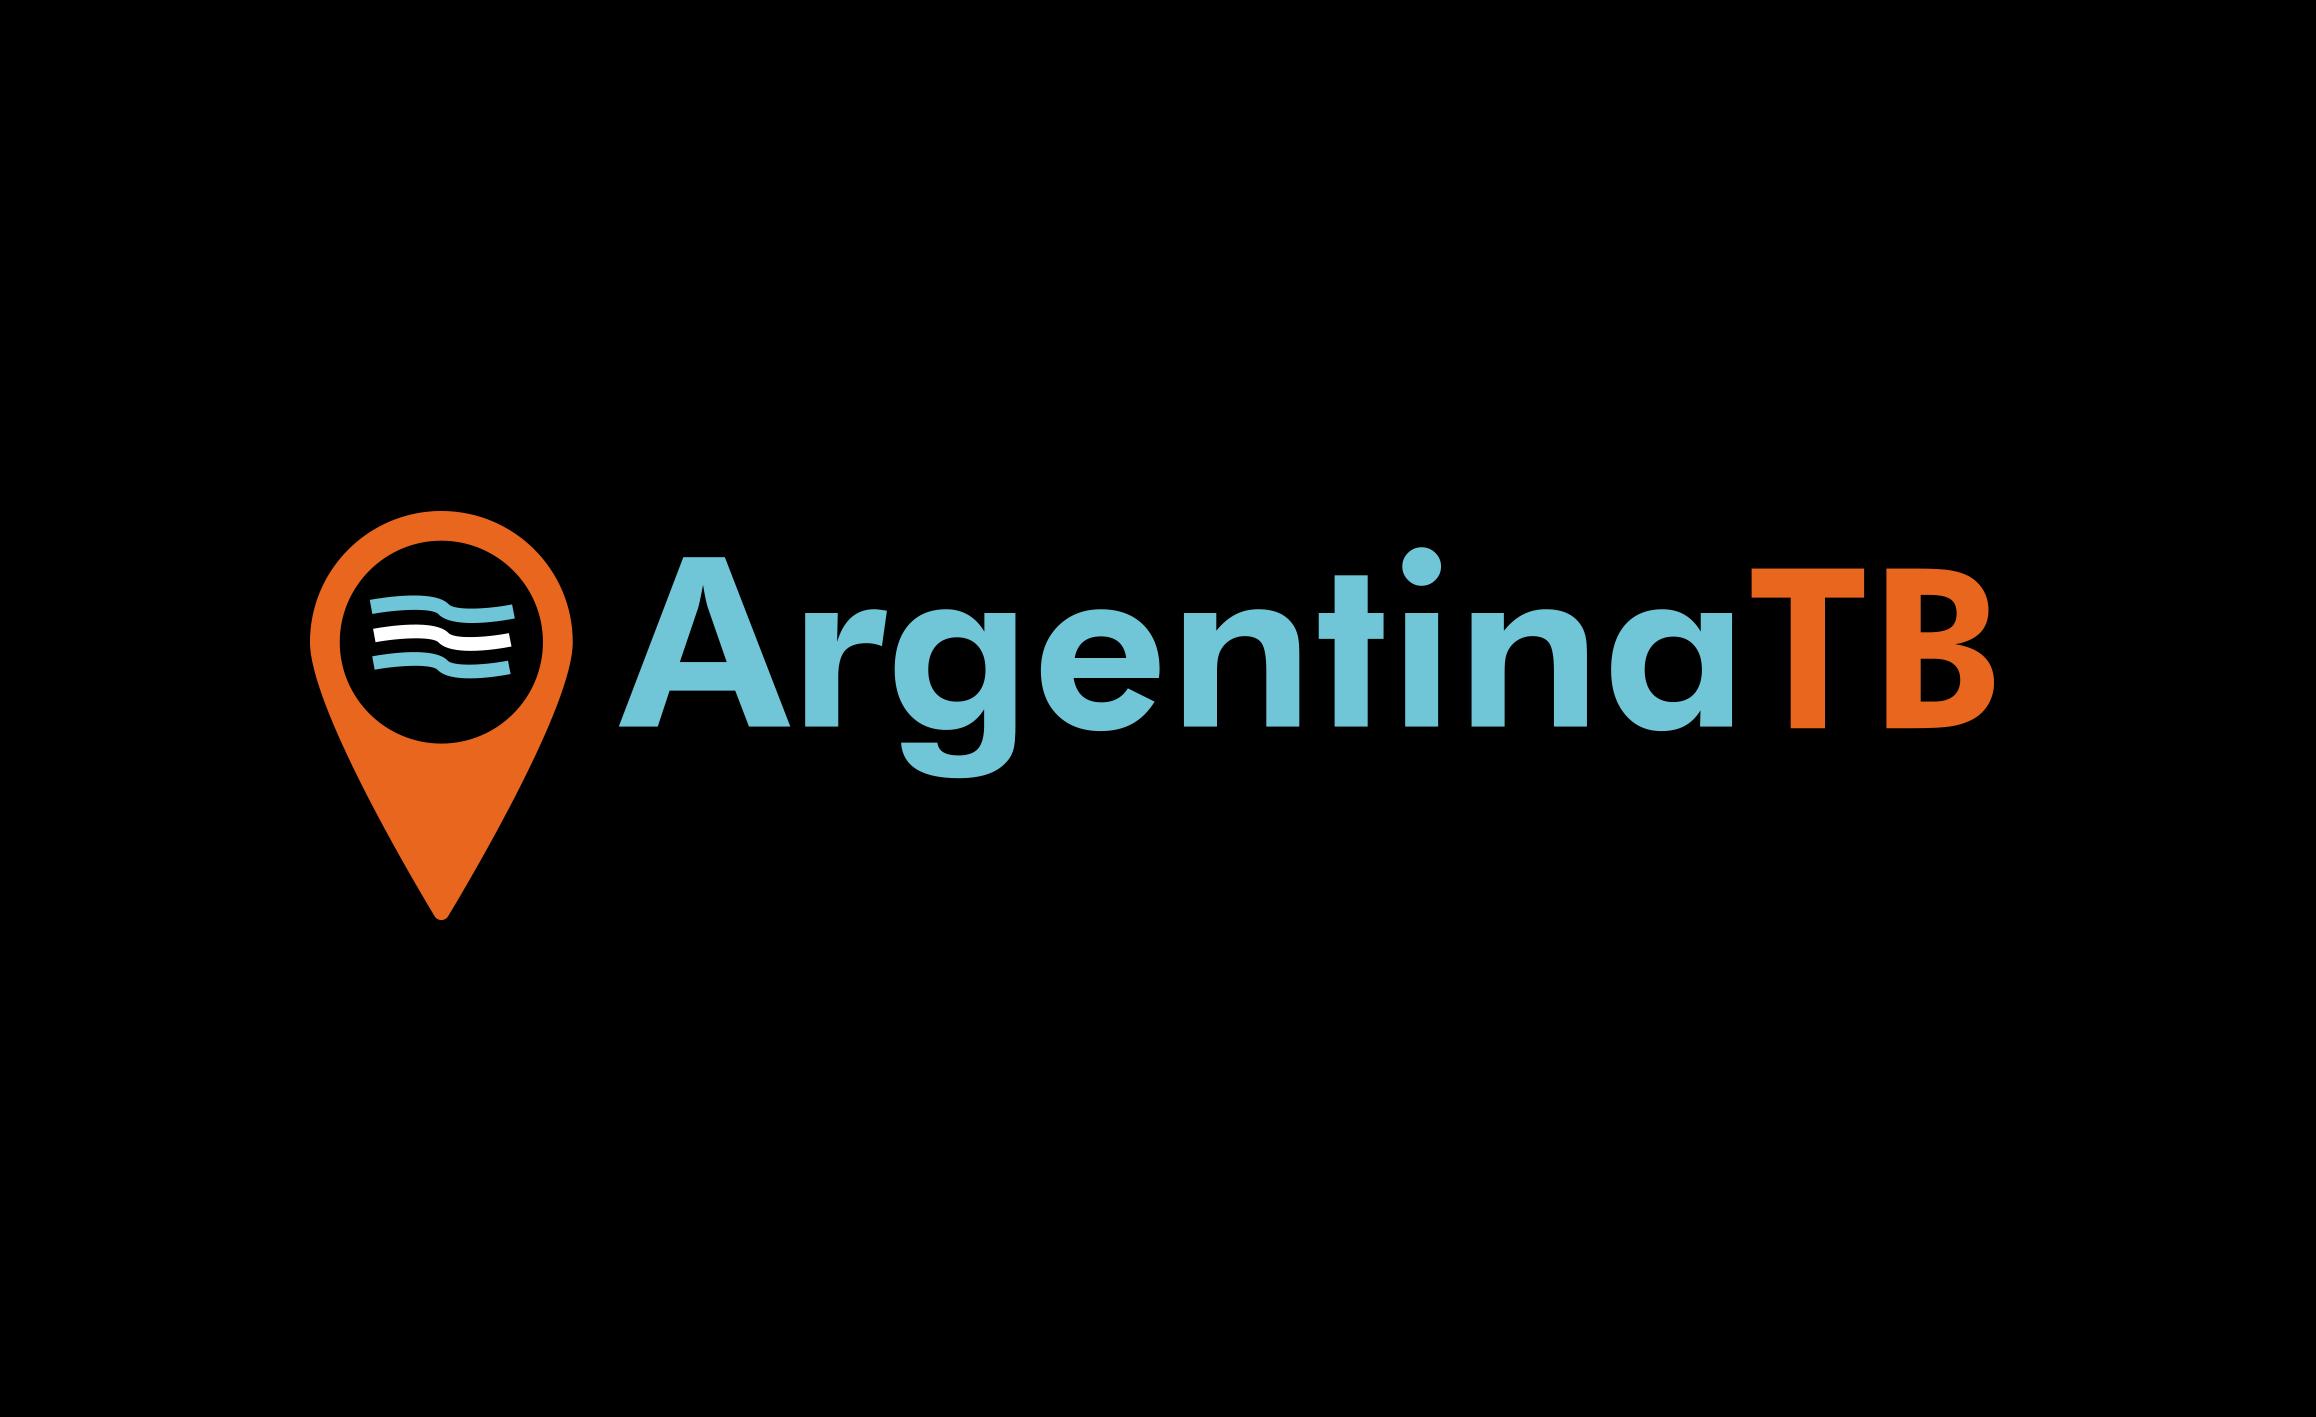 Argentina TB